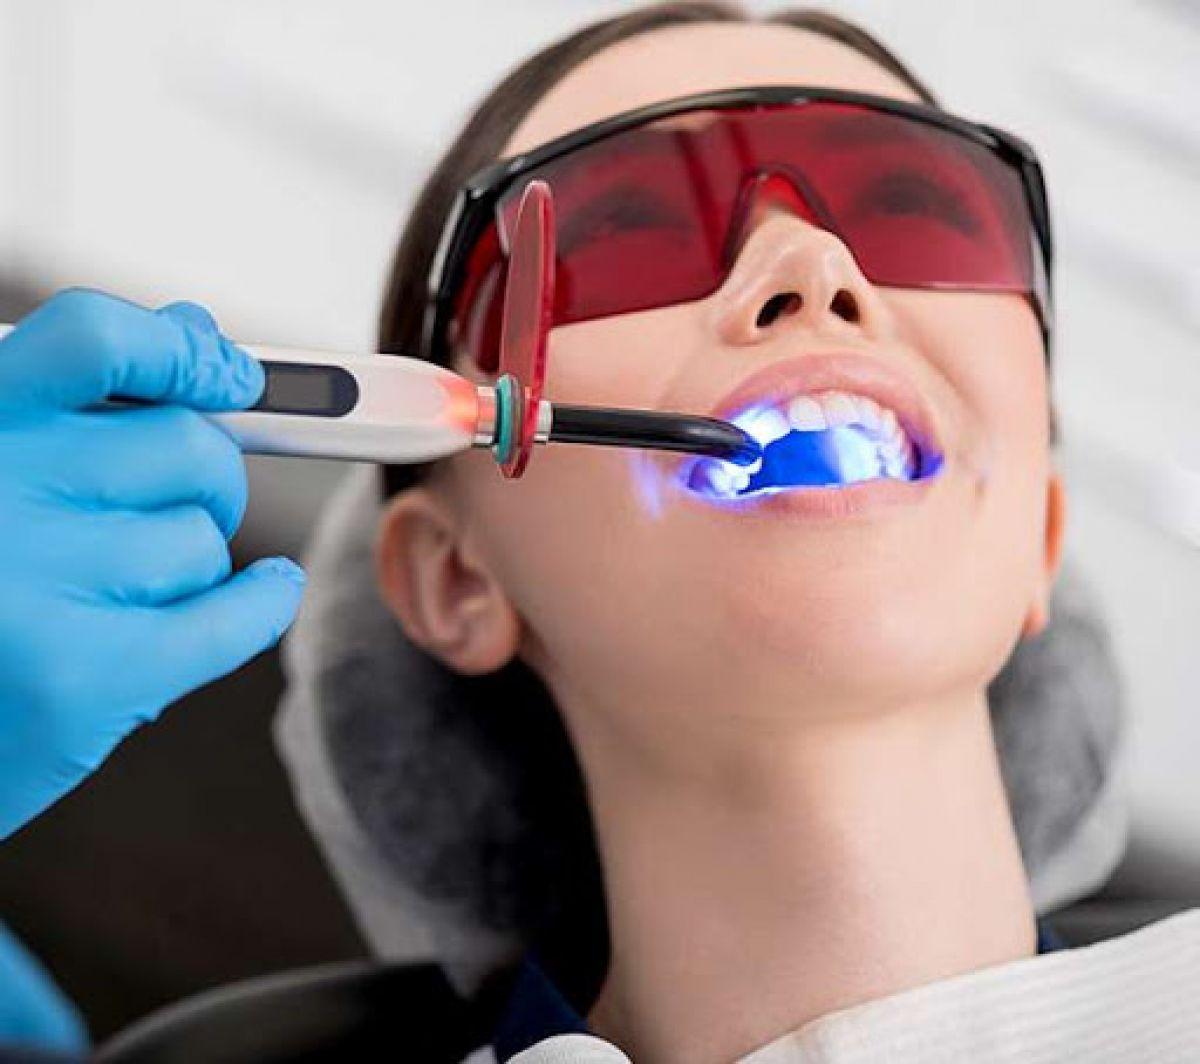 Blanchiment dentaire Pro à Saône (25) Par Estelle - Estheca